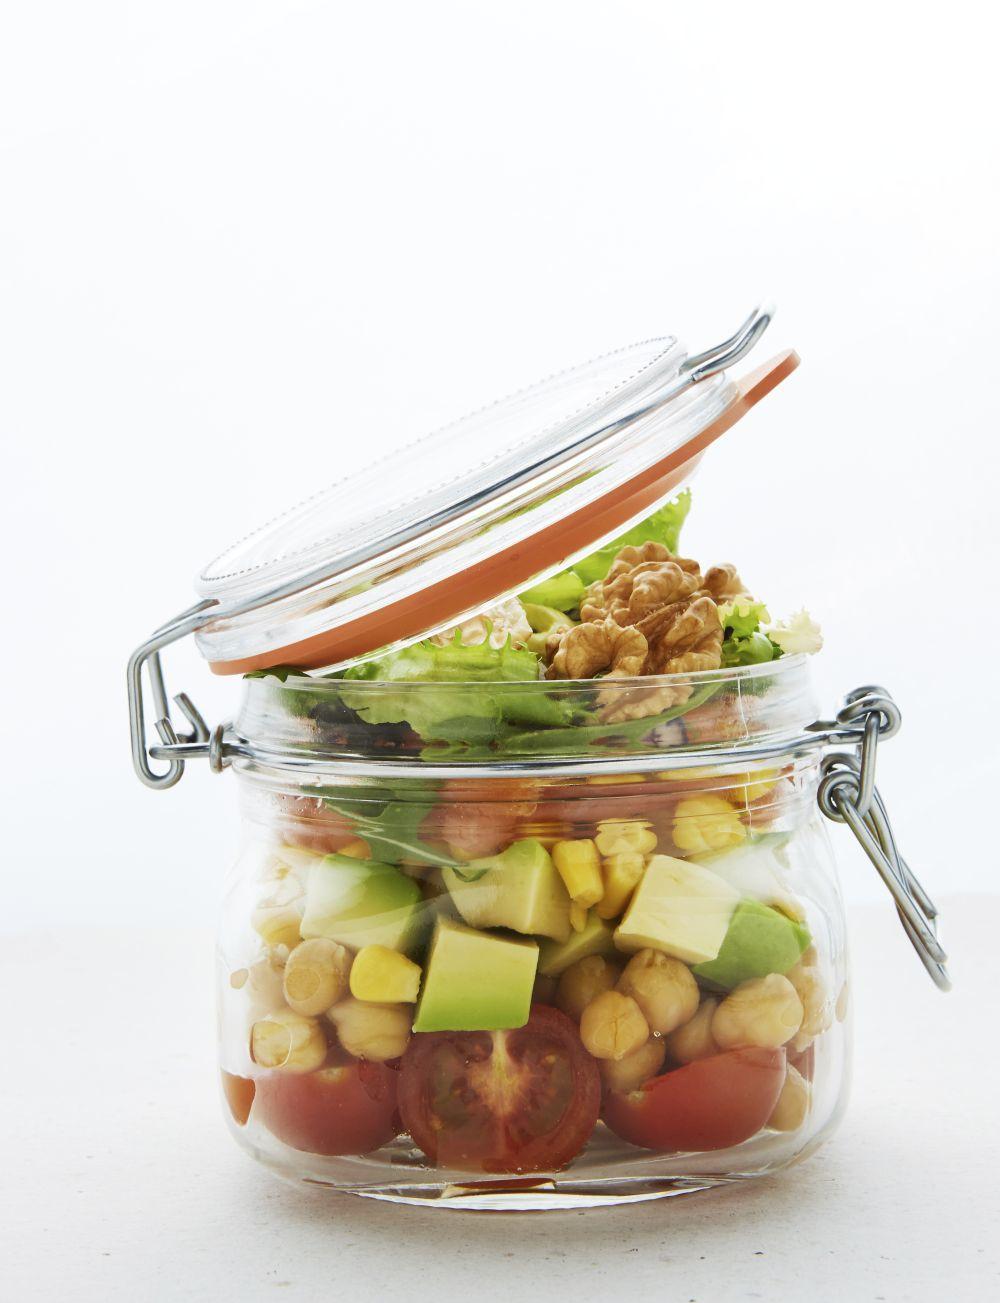 La legumbres envasadas, las frutas y los frutos secos son buenas opciones de comida real.